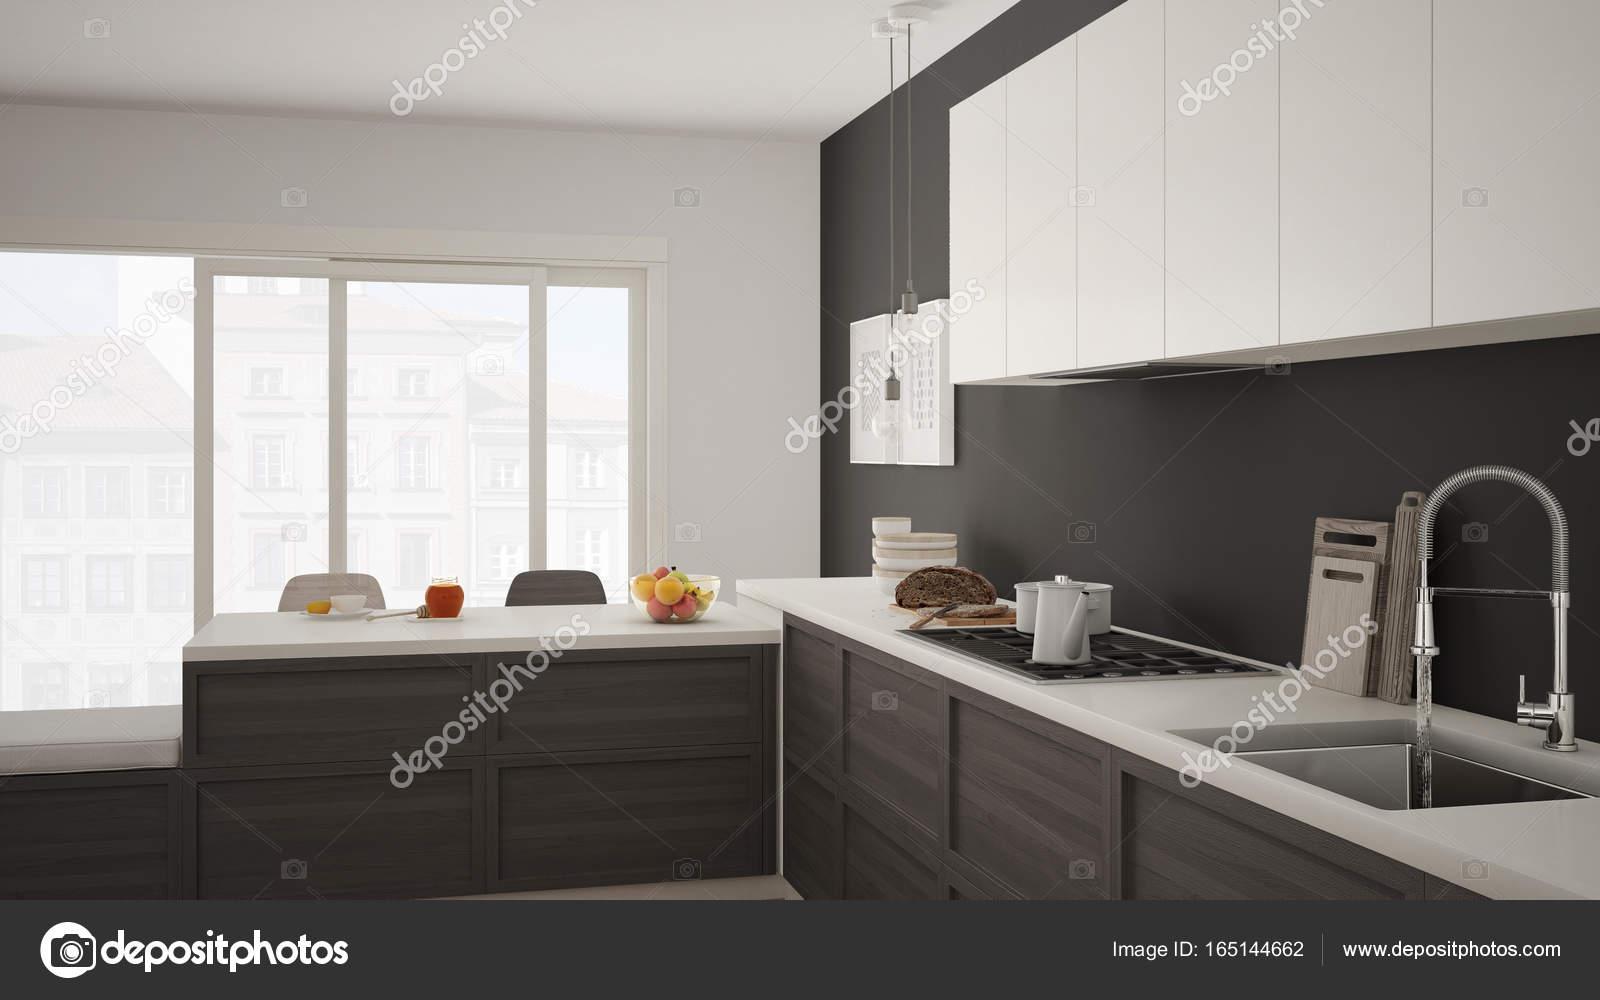 Cucina moderna con dettagli in legno e pavimento in parquet, sano br ...